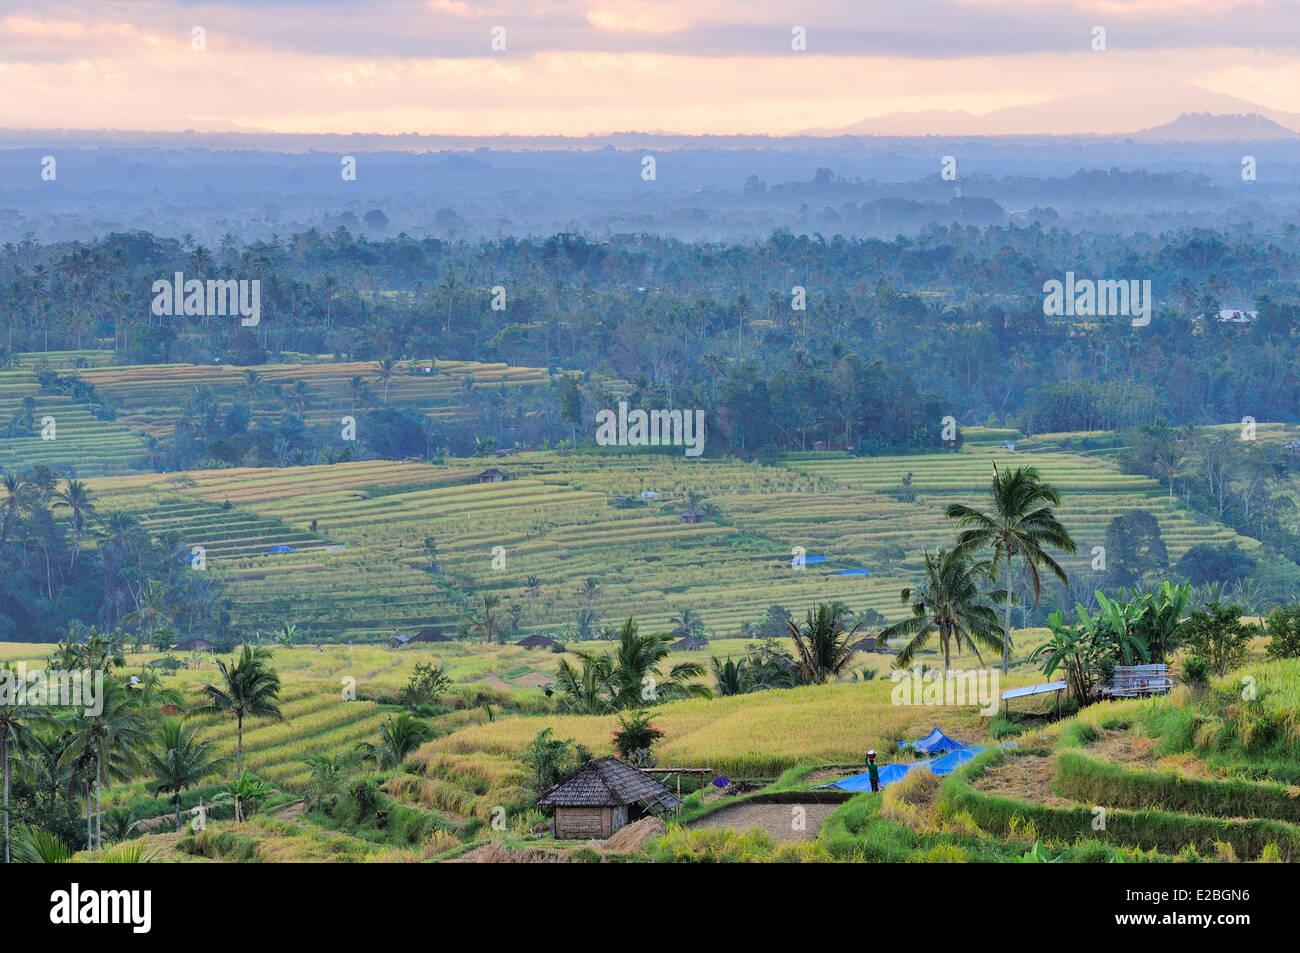 Indonesien, Bali, die Reisfelder von Jatiluwih Subak-System, als Weltkulturerbe der UNESCO, kooperative Wasserwirtschaft Stockbild